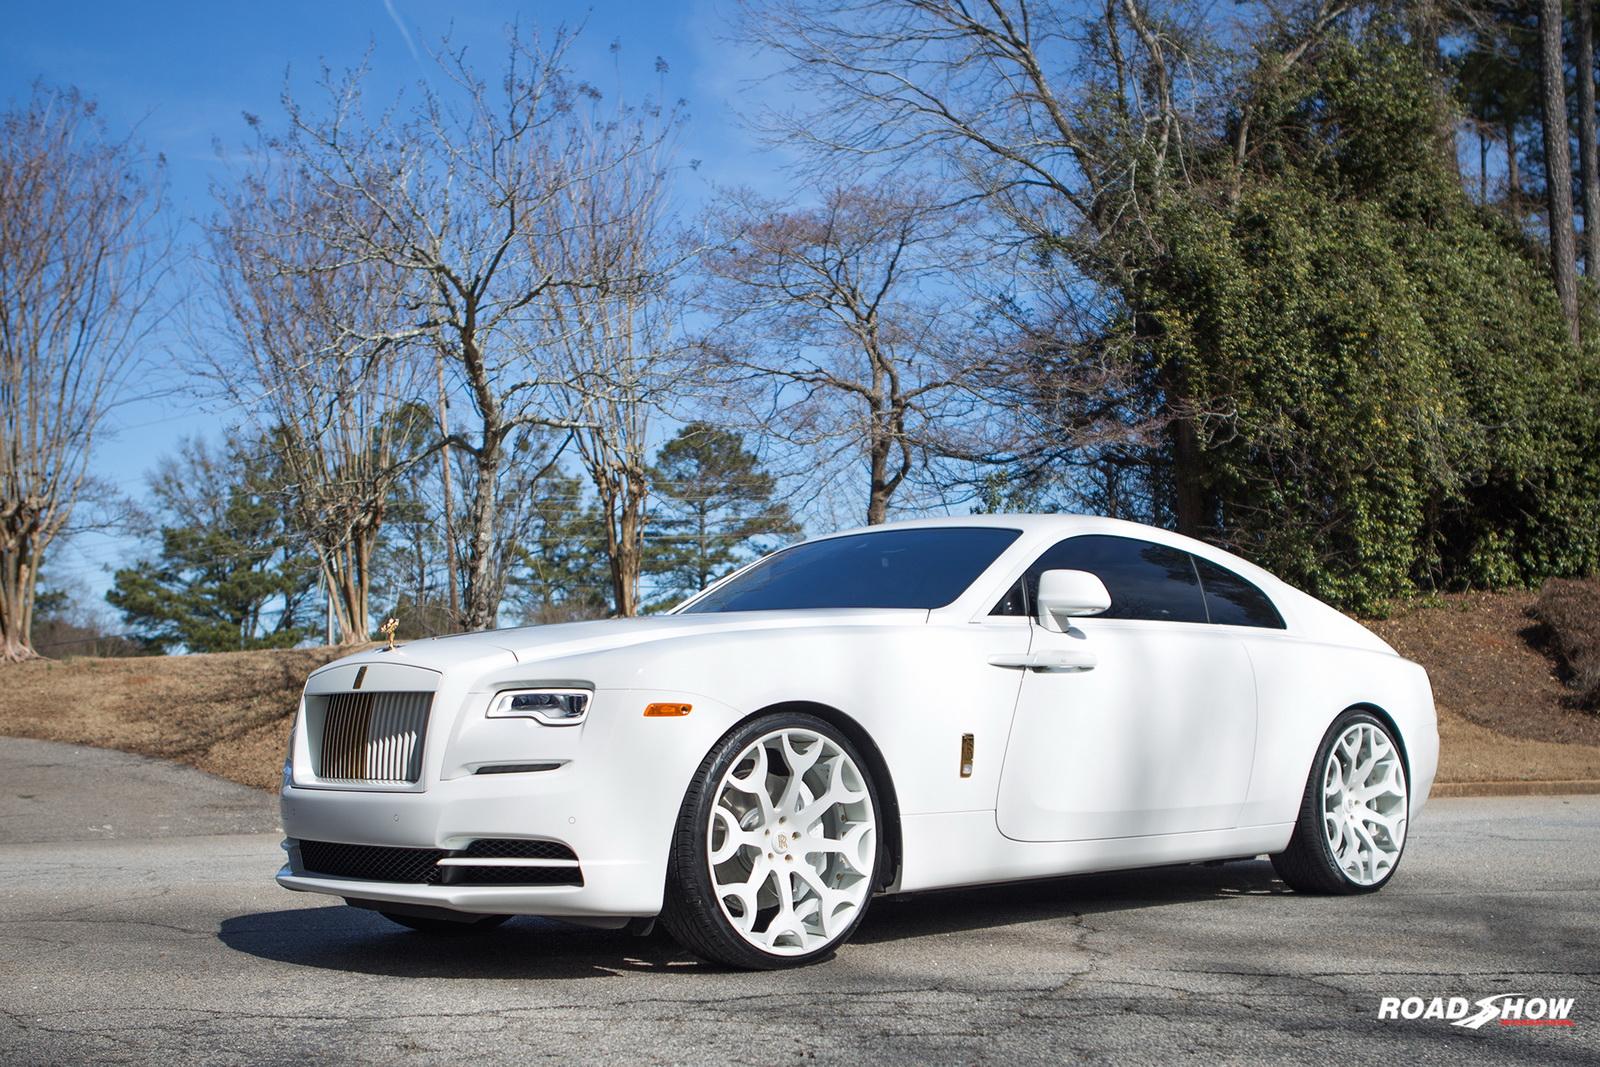 rolls-royce-wraith-white-forgiato-1.jpg